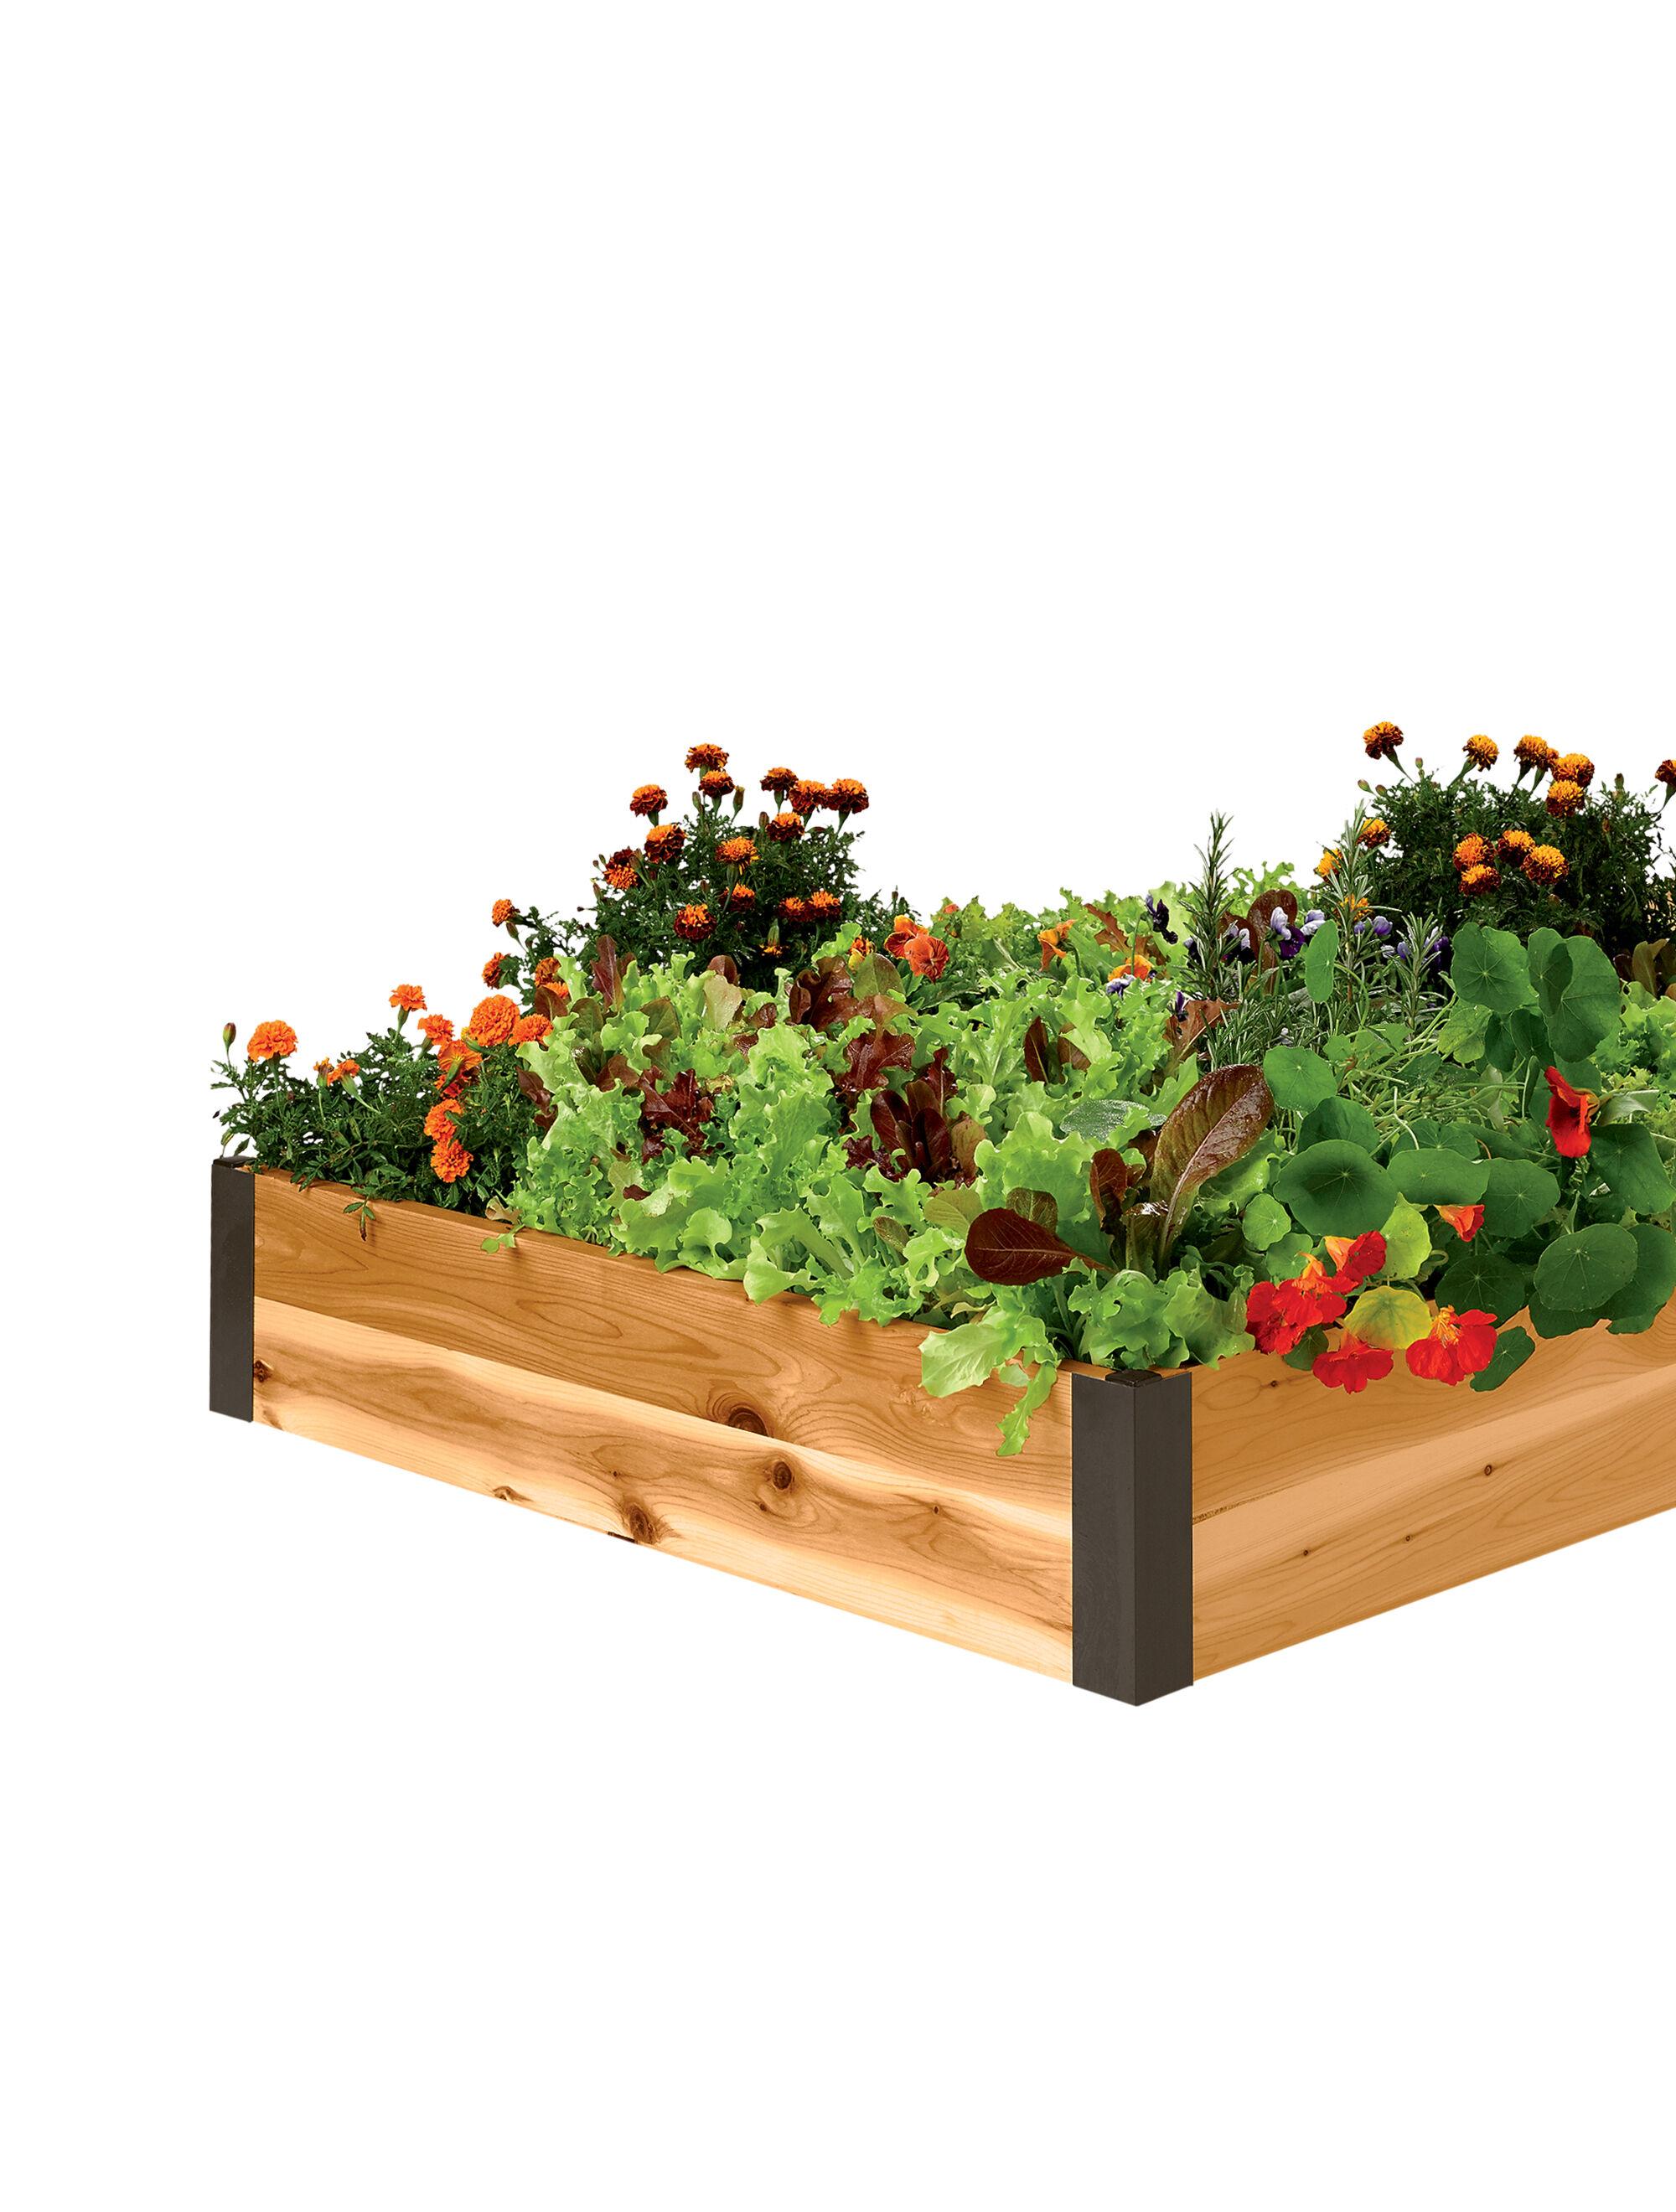 Raised bed corners diy raised garden beds gardener 39 s for Gardeners supply burlington